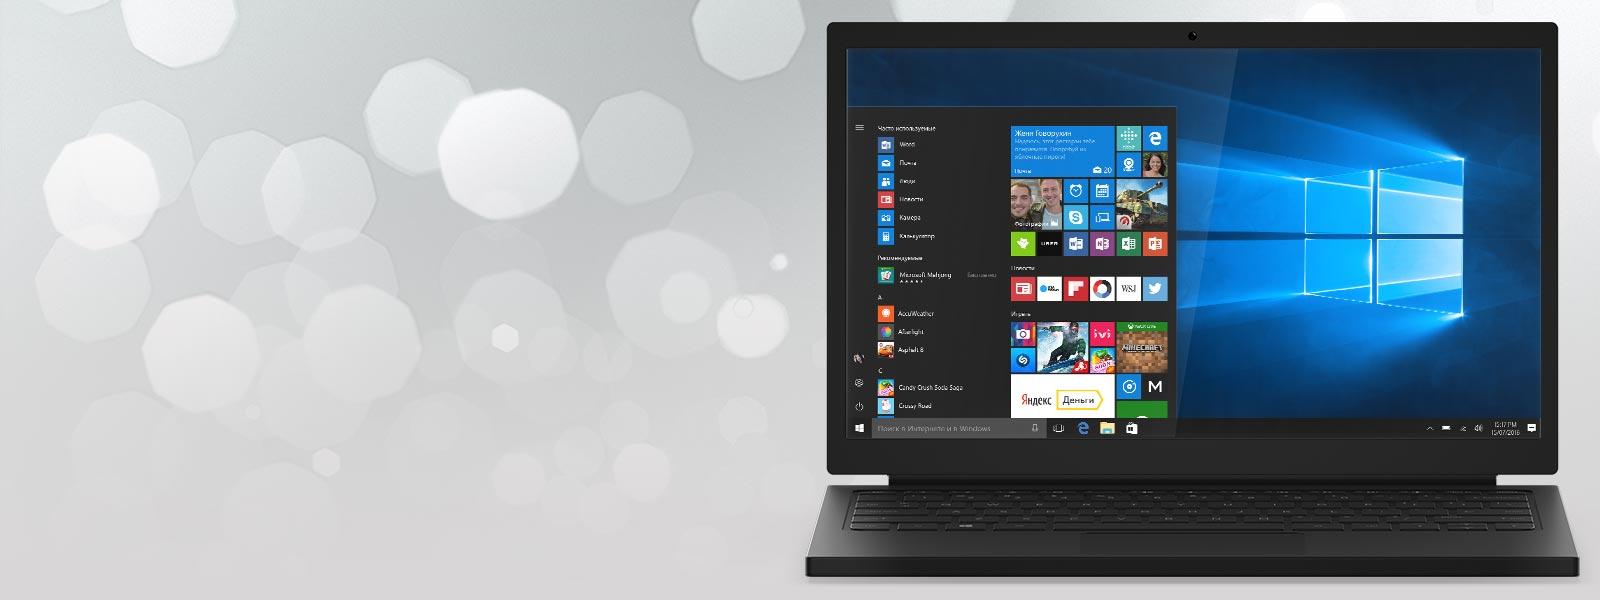 Ноутбук с открытым начальным экраном Windows